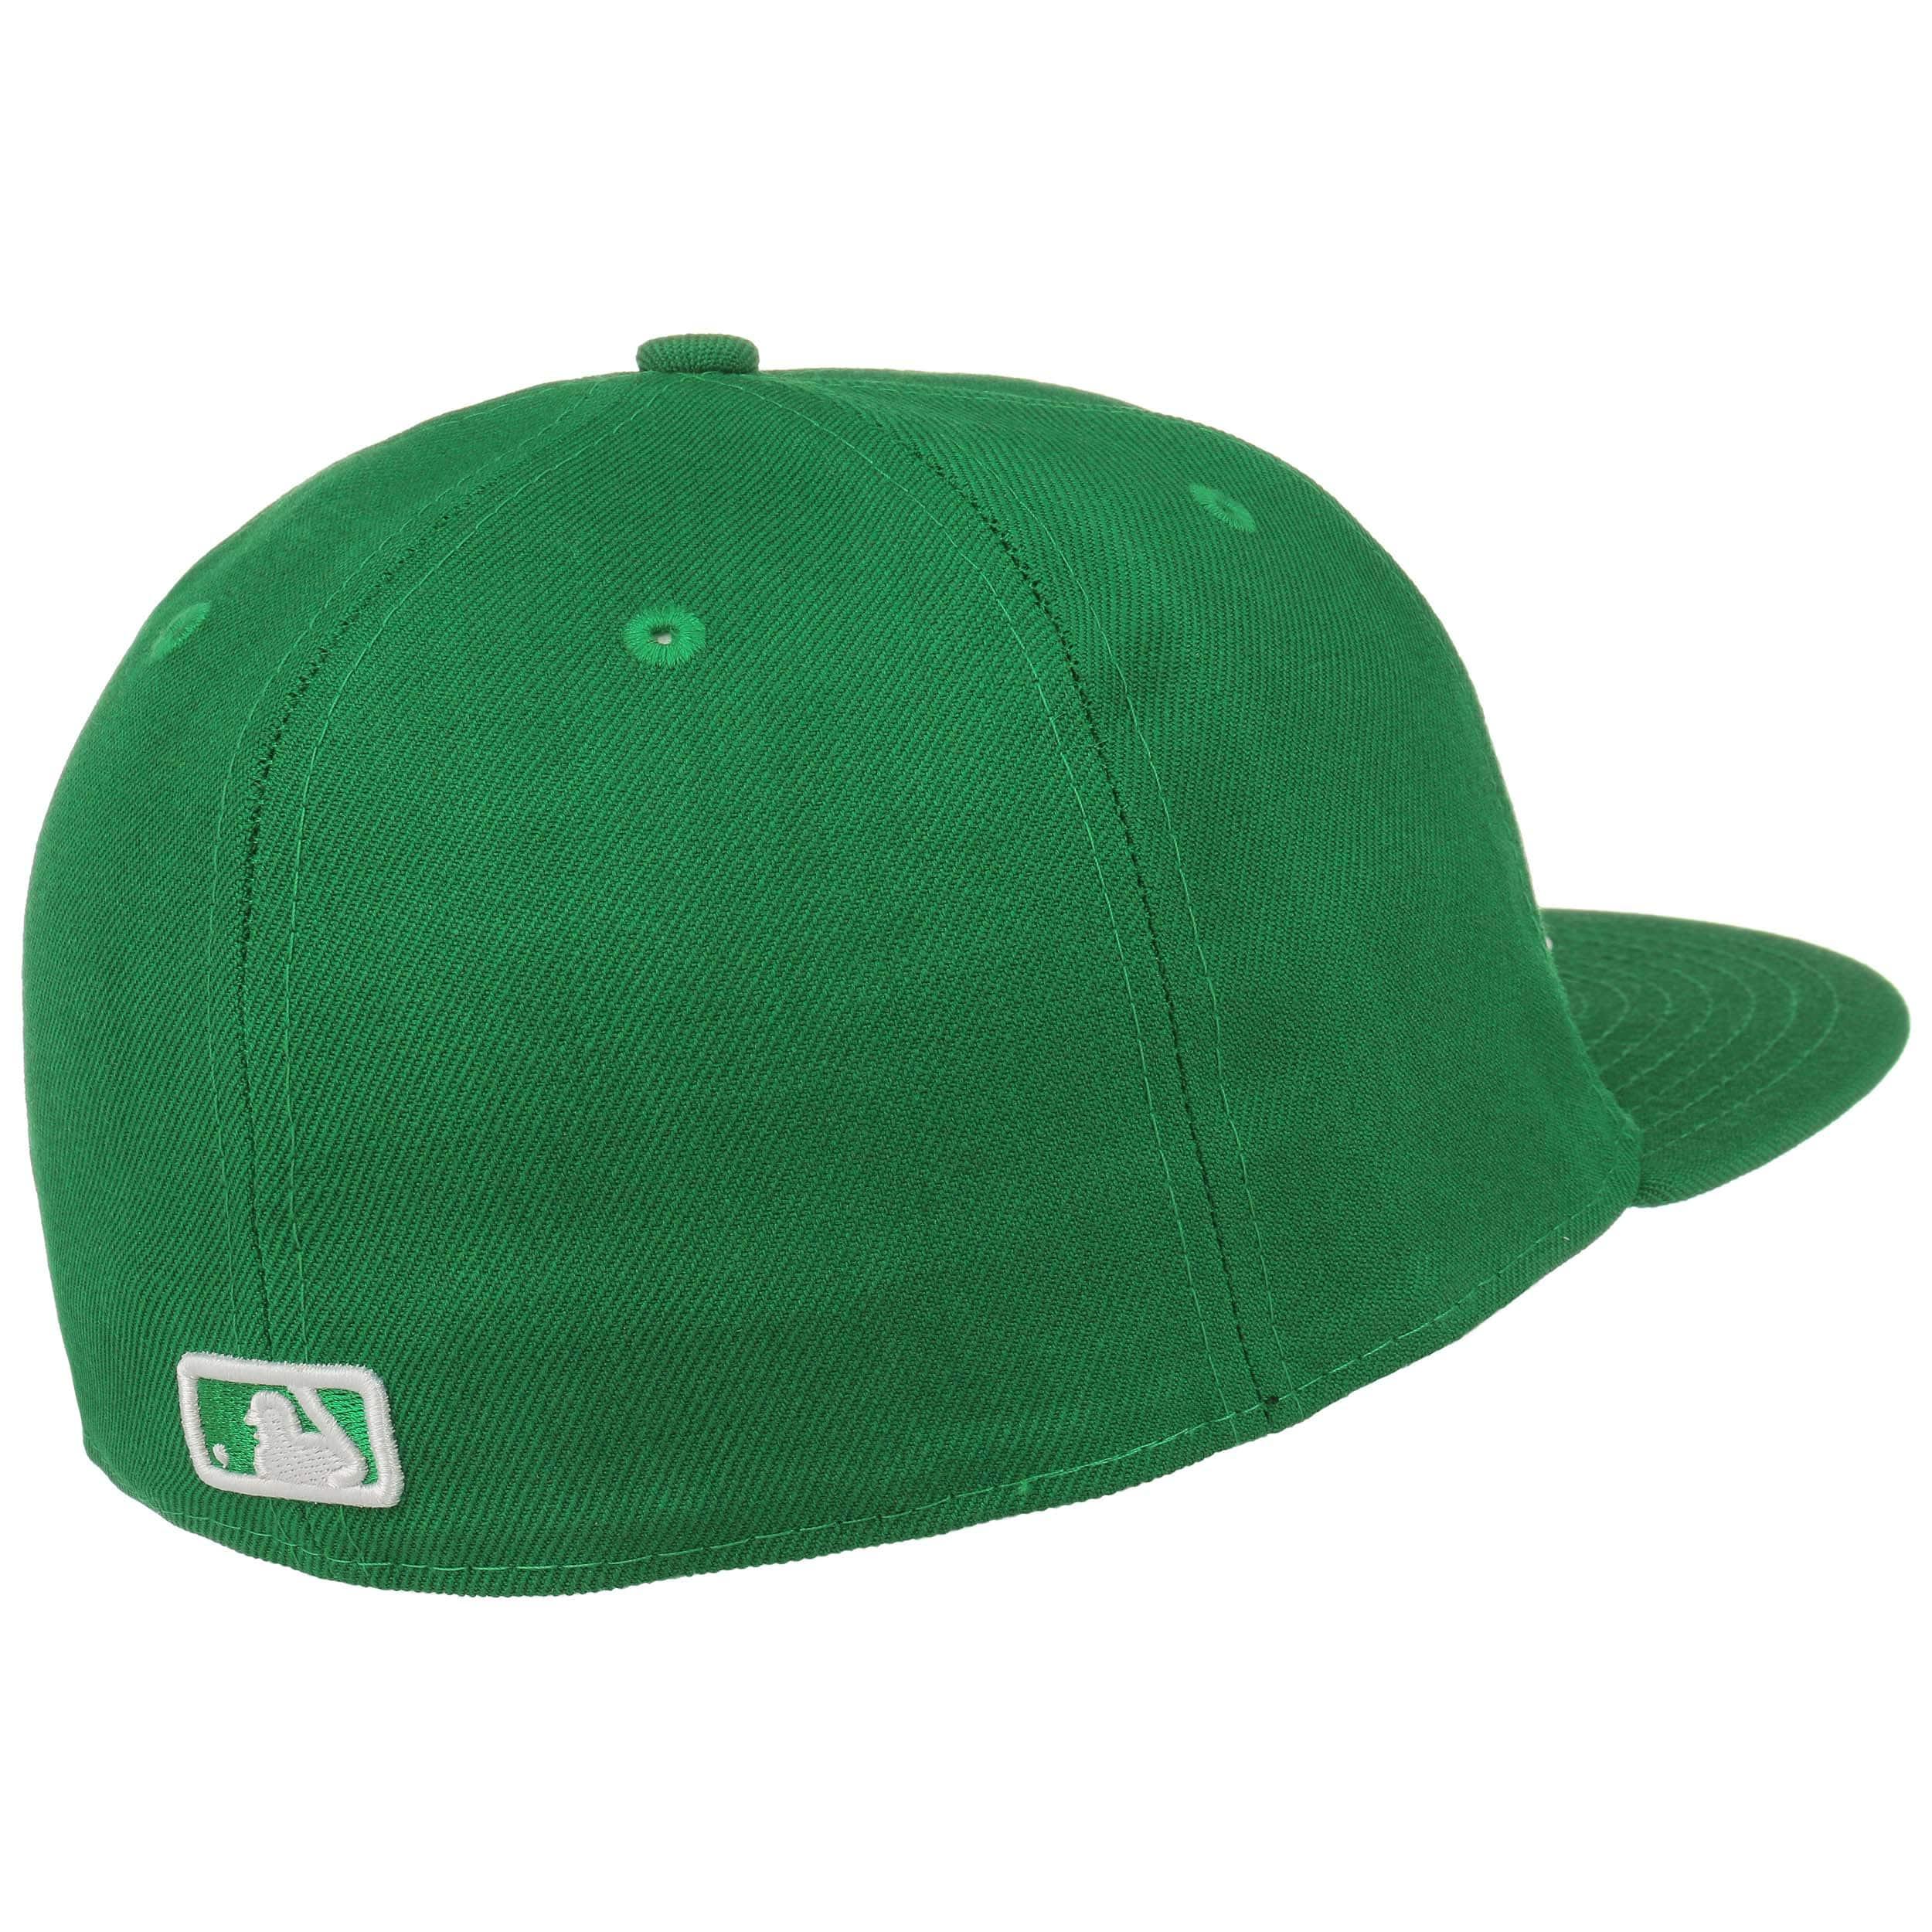 ... 59Fifty MLB Basic NY Cap by New Era - green 3 ... 3d36f455c2d